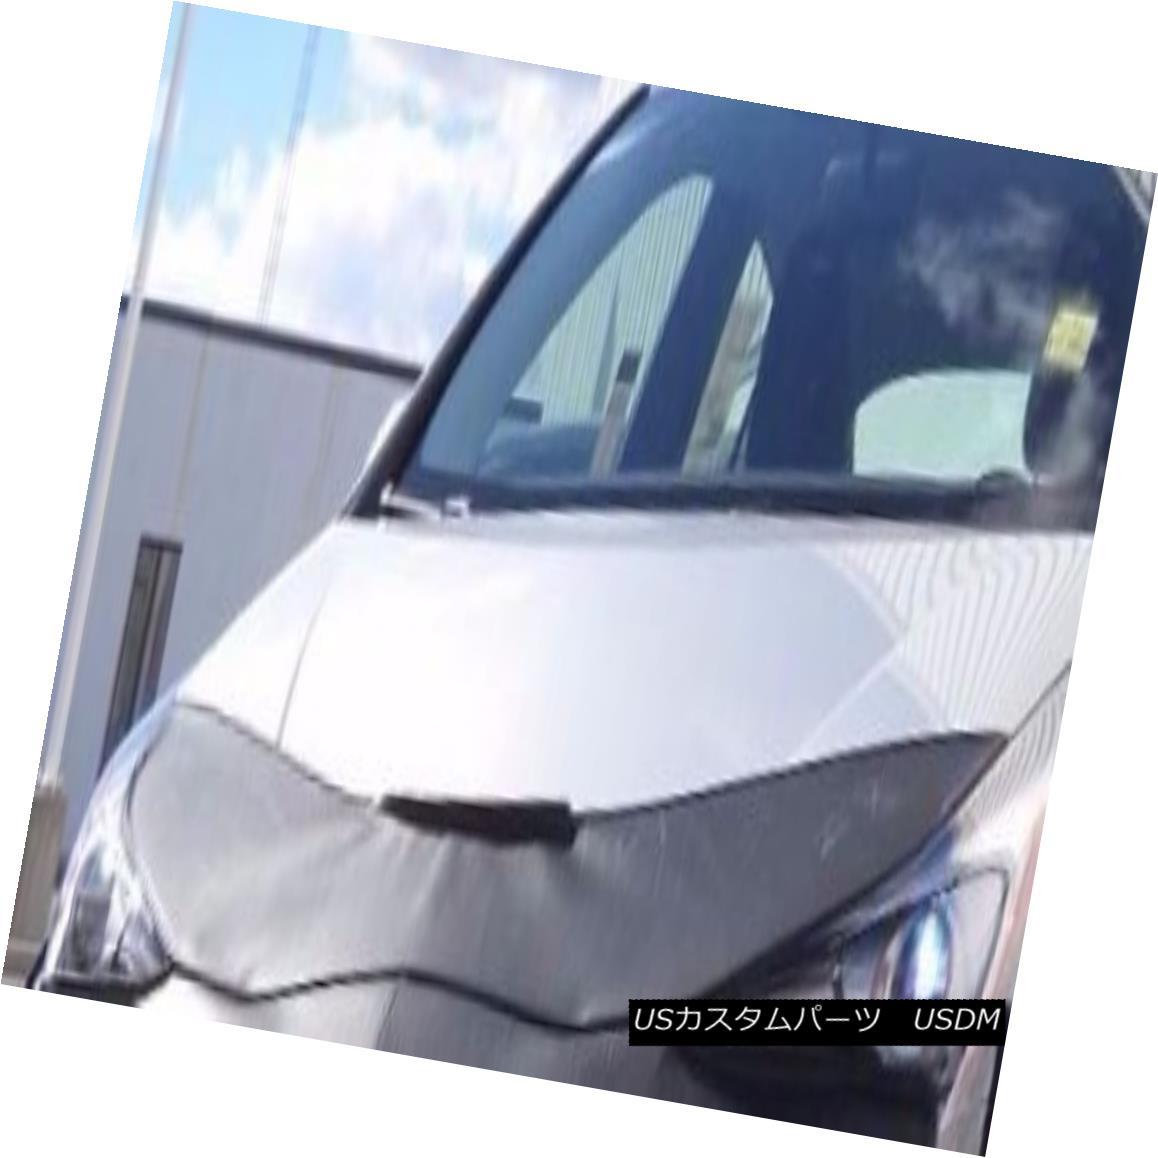 フルブラ ノーズブラ Lebra Hood Protector Mini Mask Bra Fits Toyota Prius 2016-2017 レブラフードプロテクターミニマスクブラはトヨタプリウス2016-2017に適合